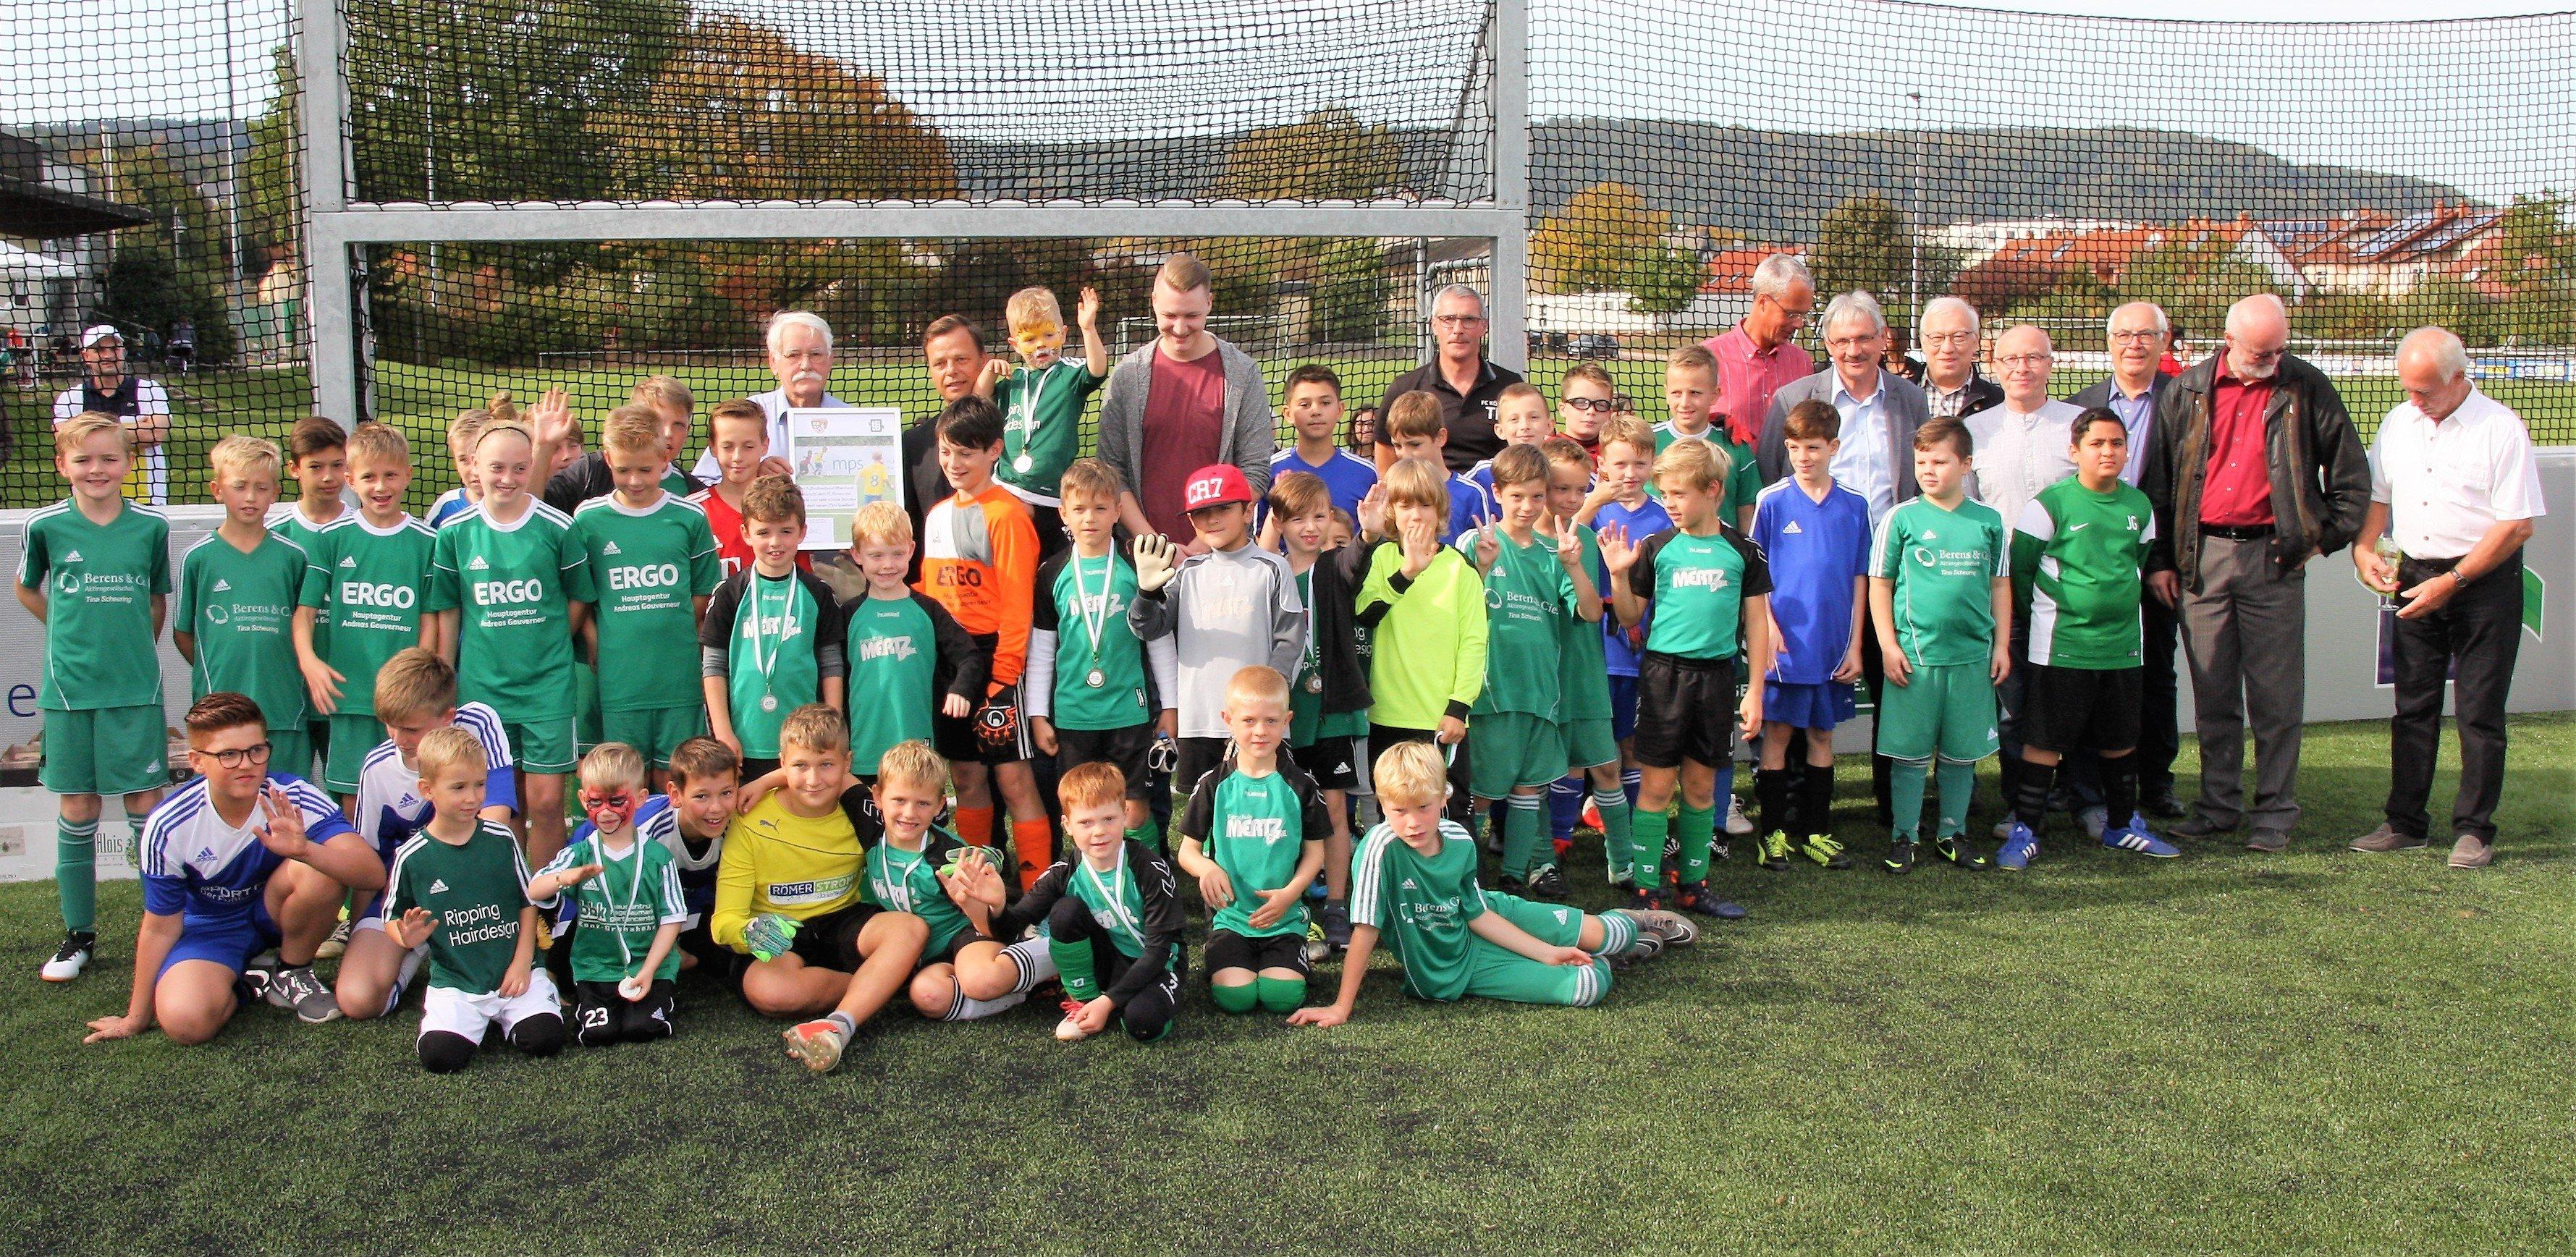 Fc Konen Feiert Auf Neuem Mini Spielfeld Fussballverband